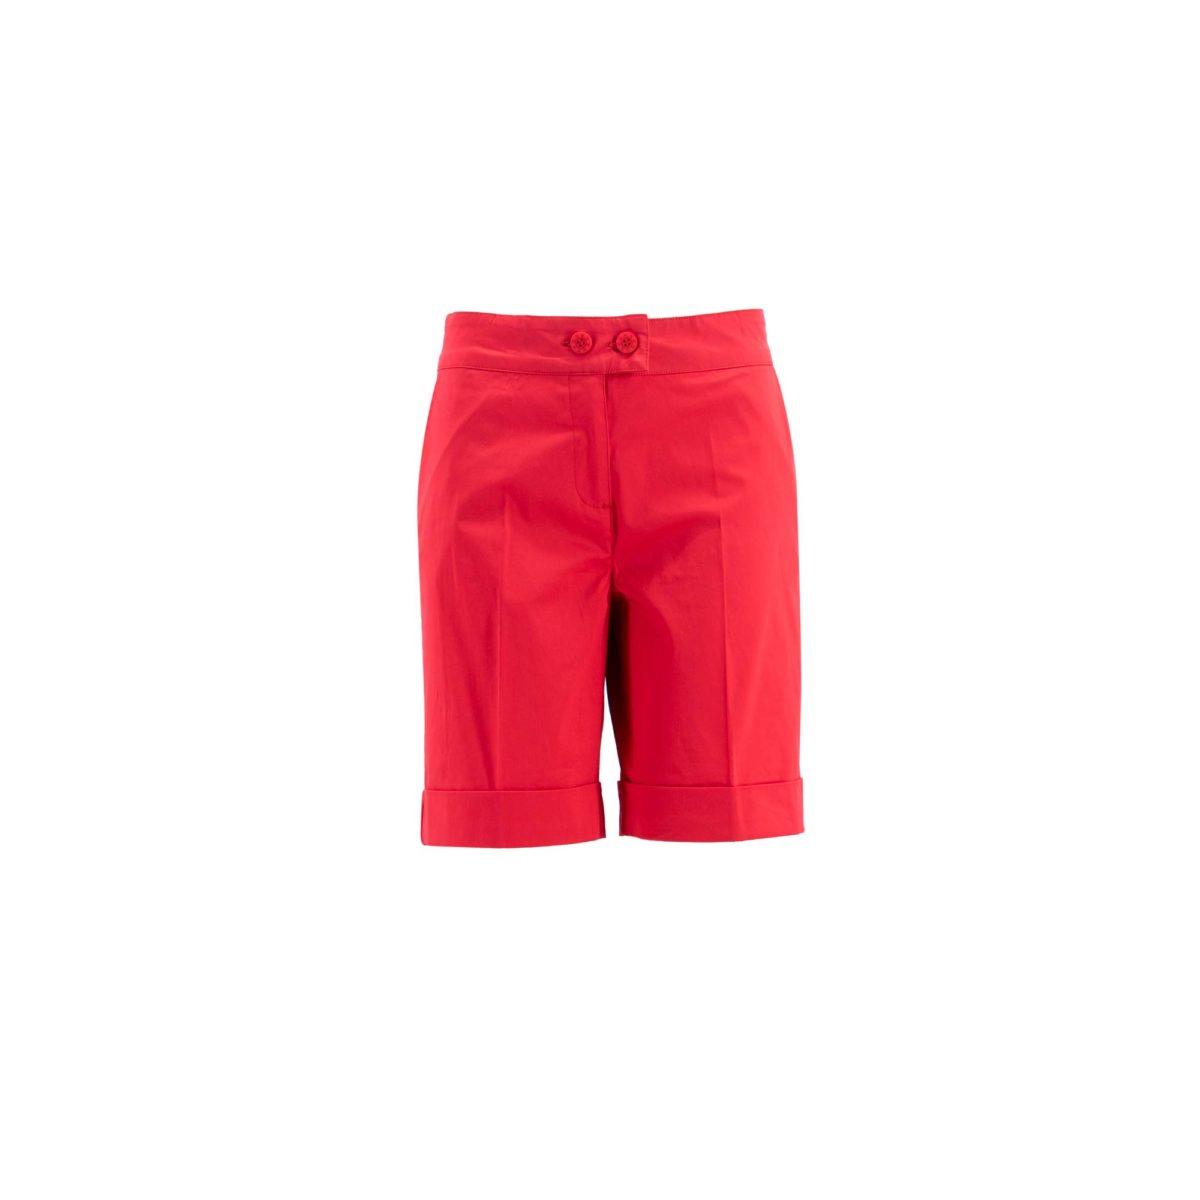 Shorts Bermuda Rosso Corallo - vista frontale | Nicla